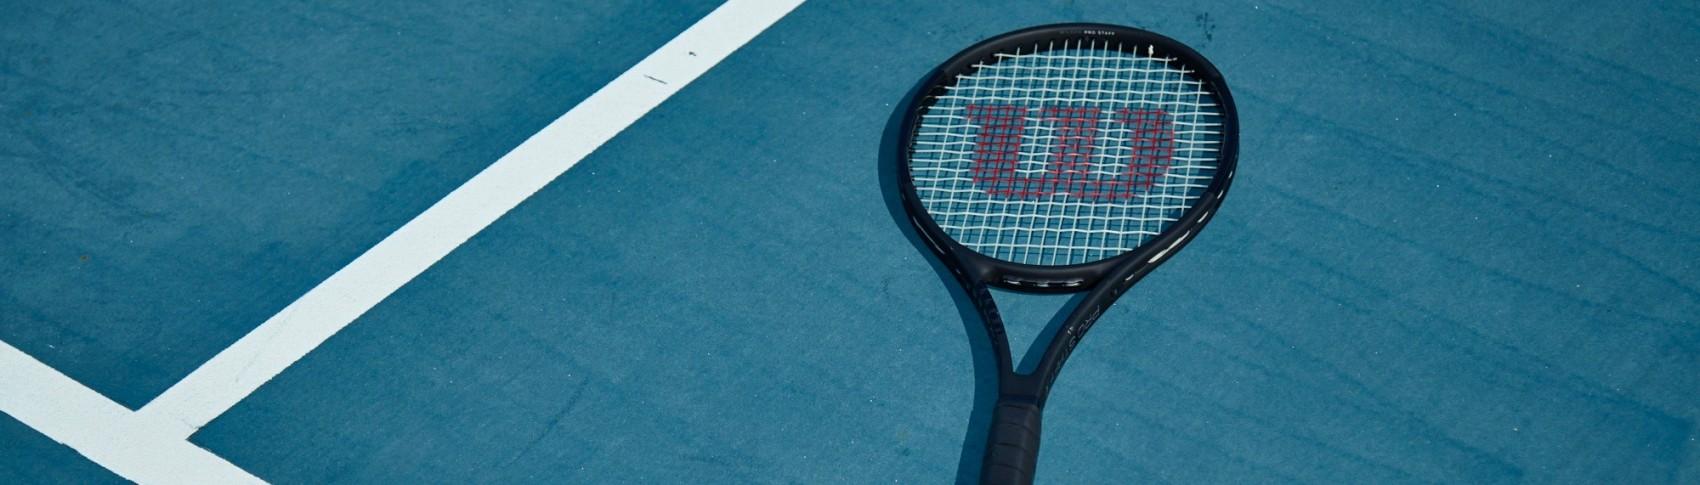 Tennispolo